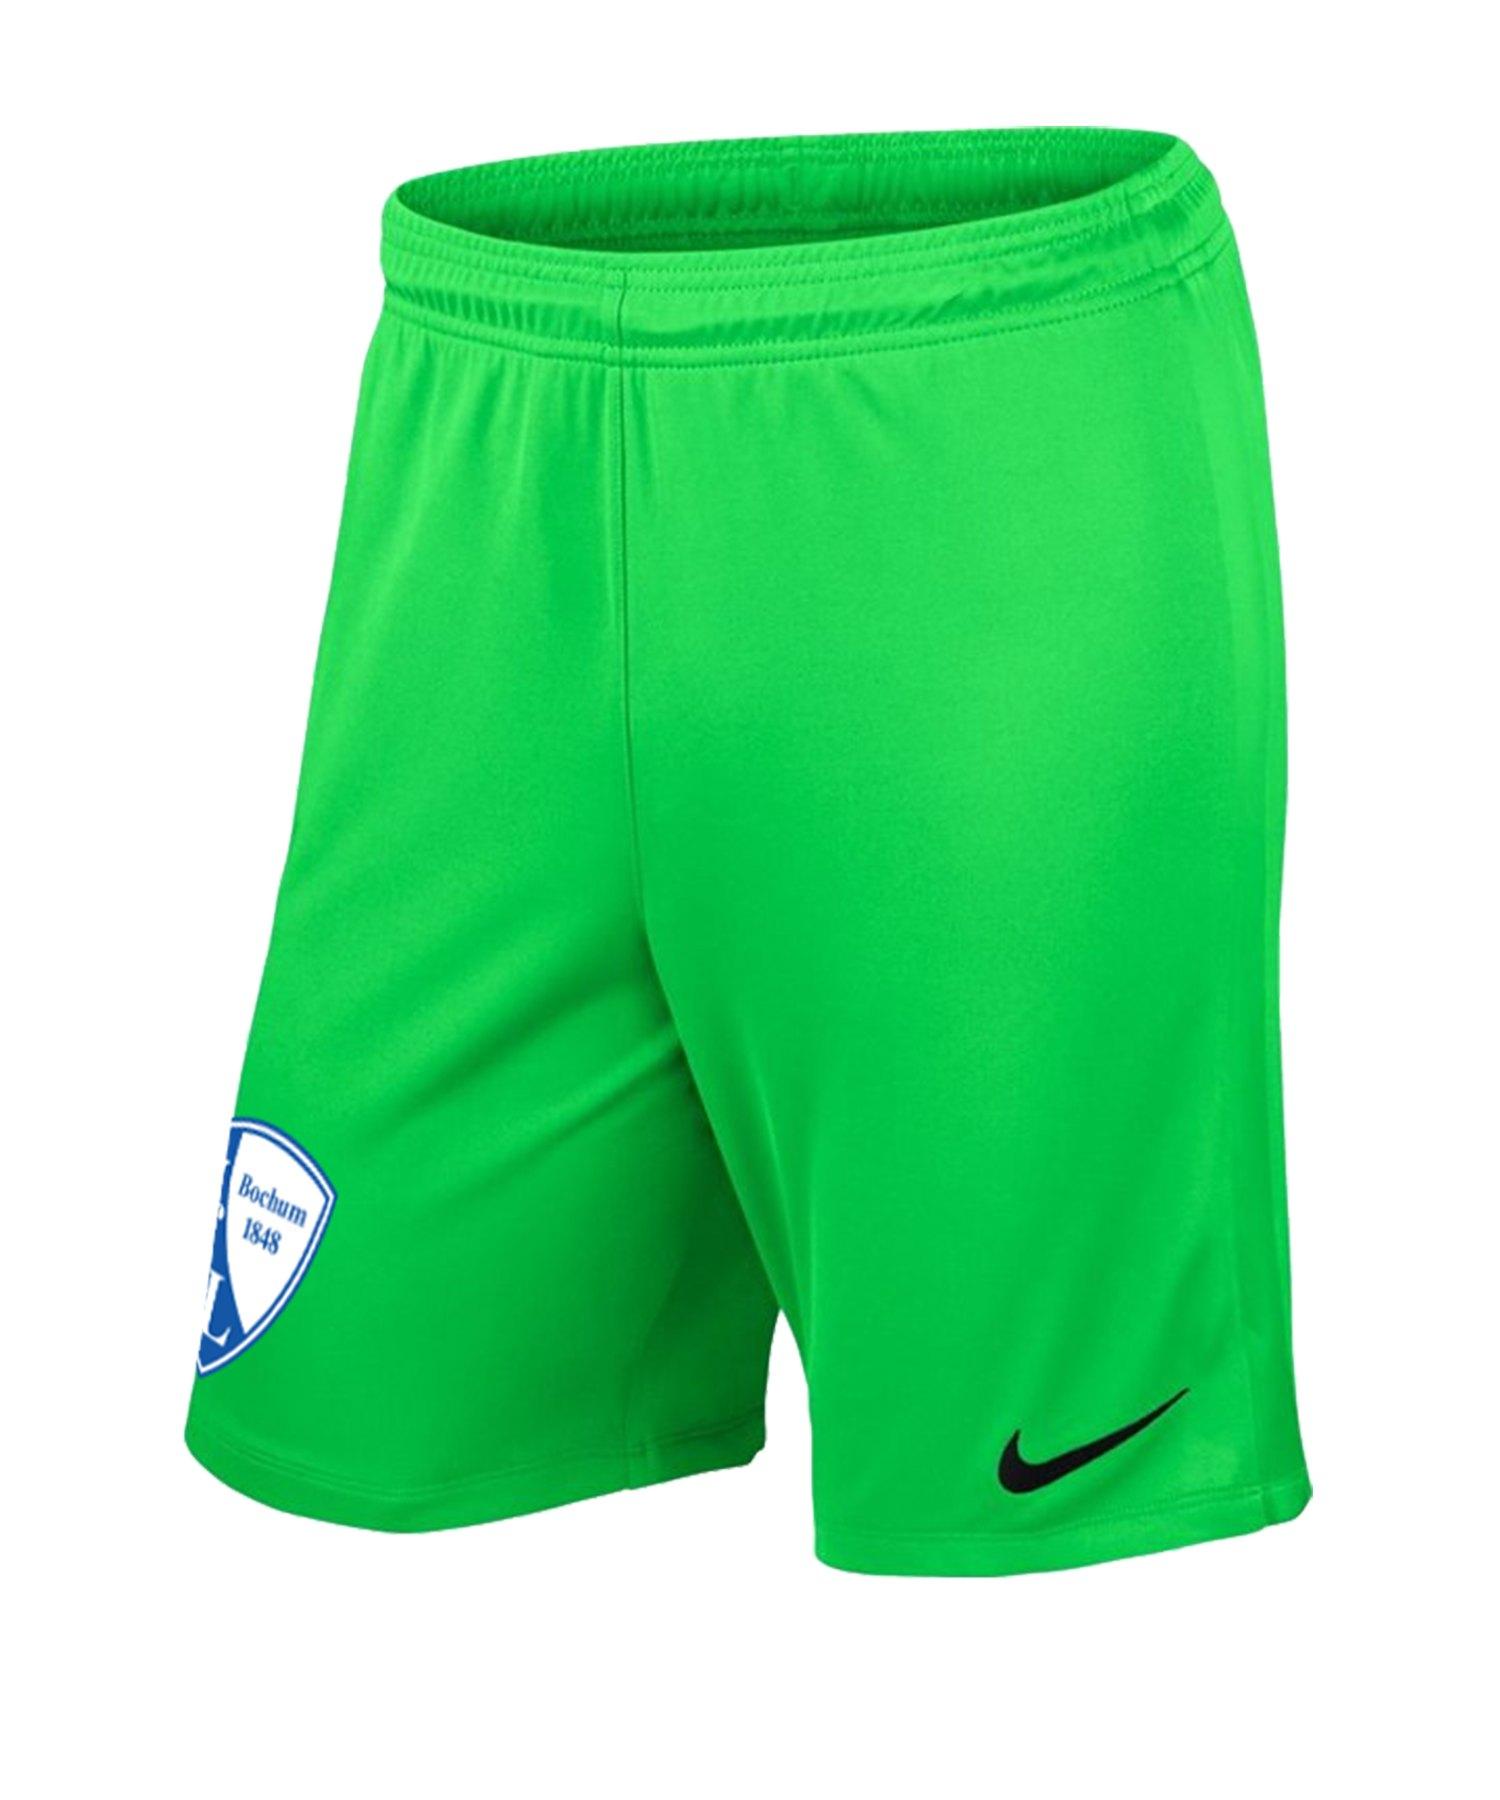 Nike VfL Bochum Torwartshort 2019/2020 F398 - gruen